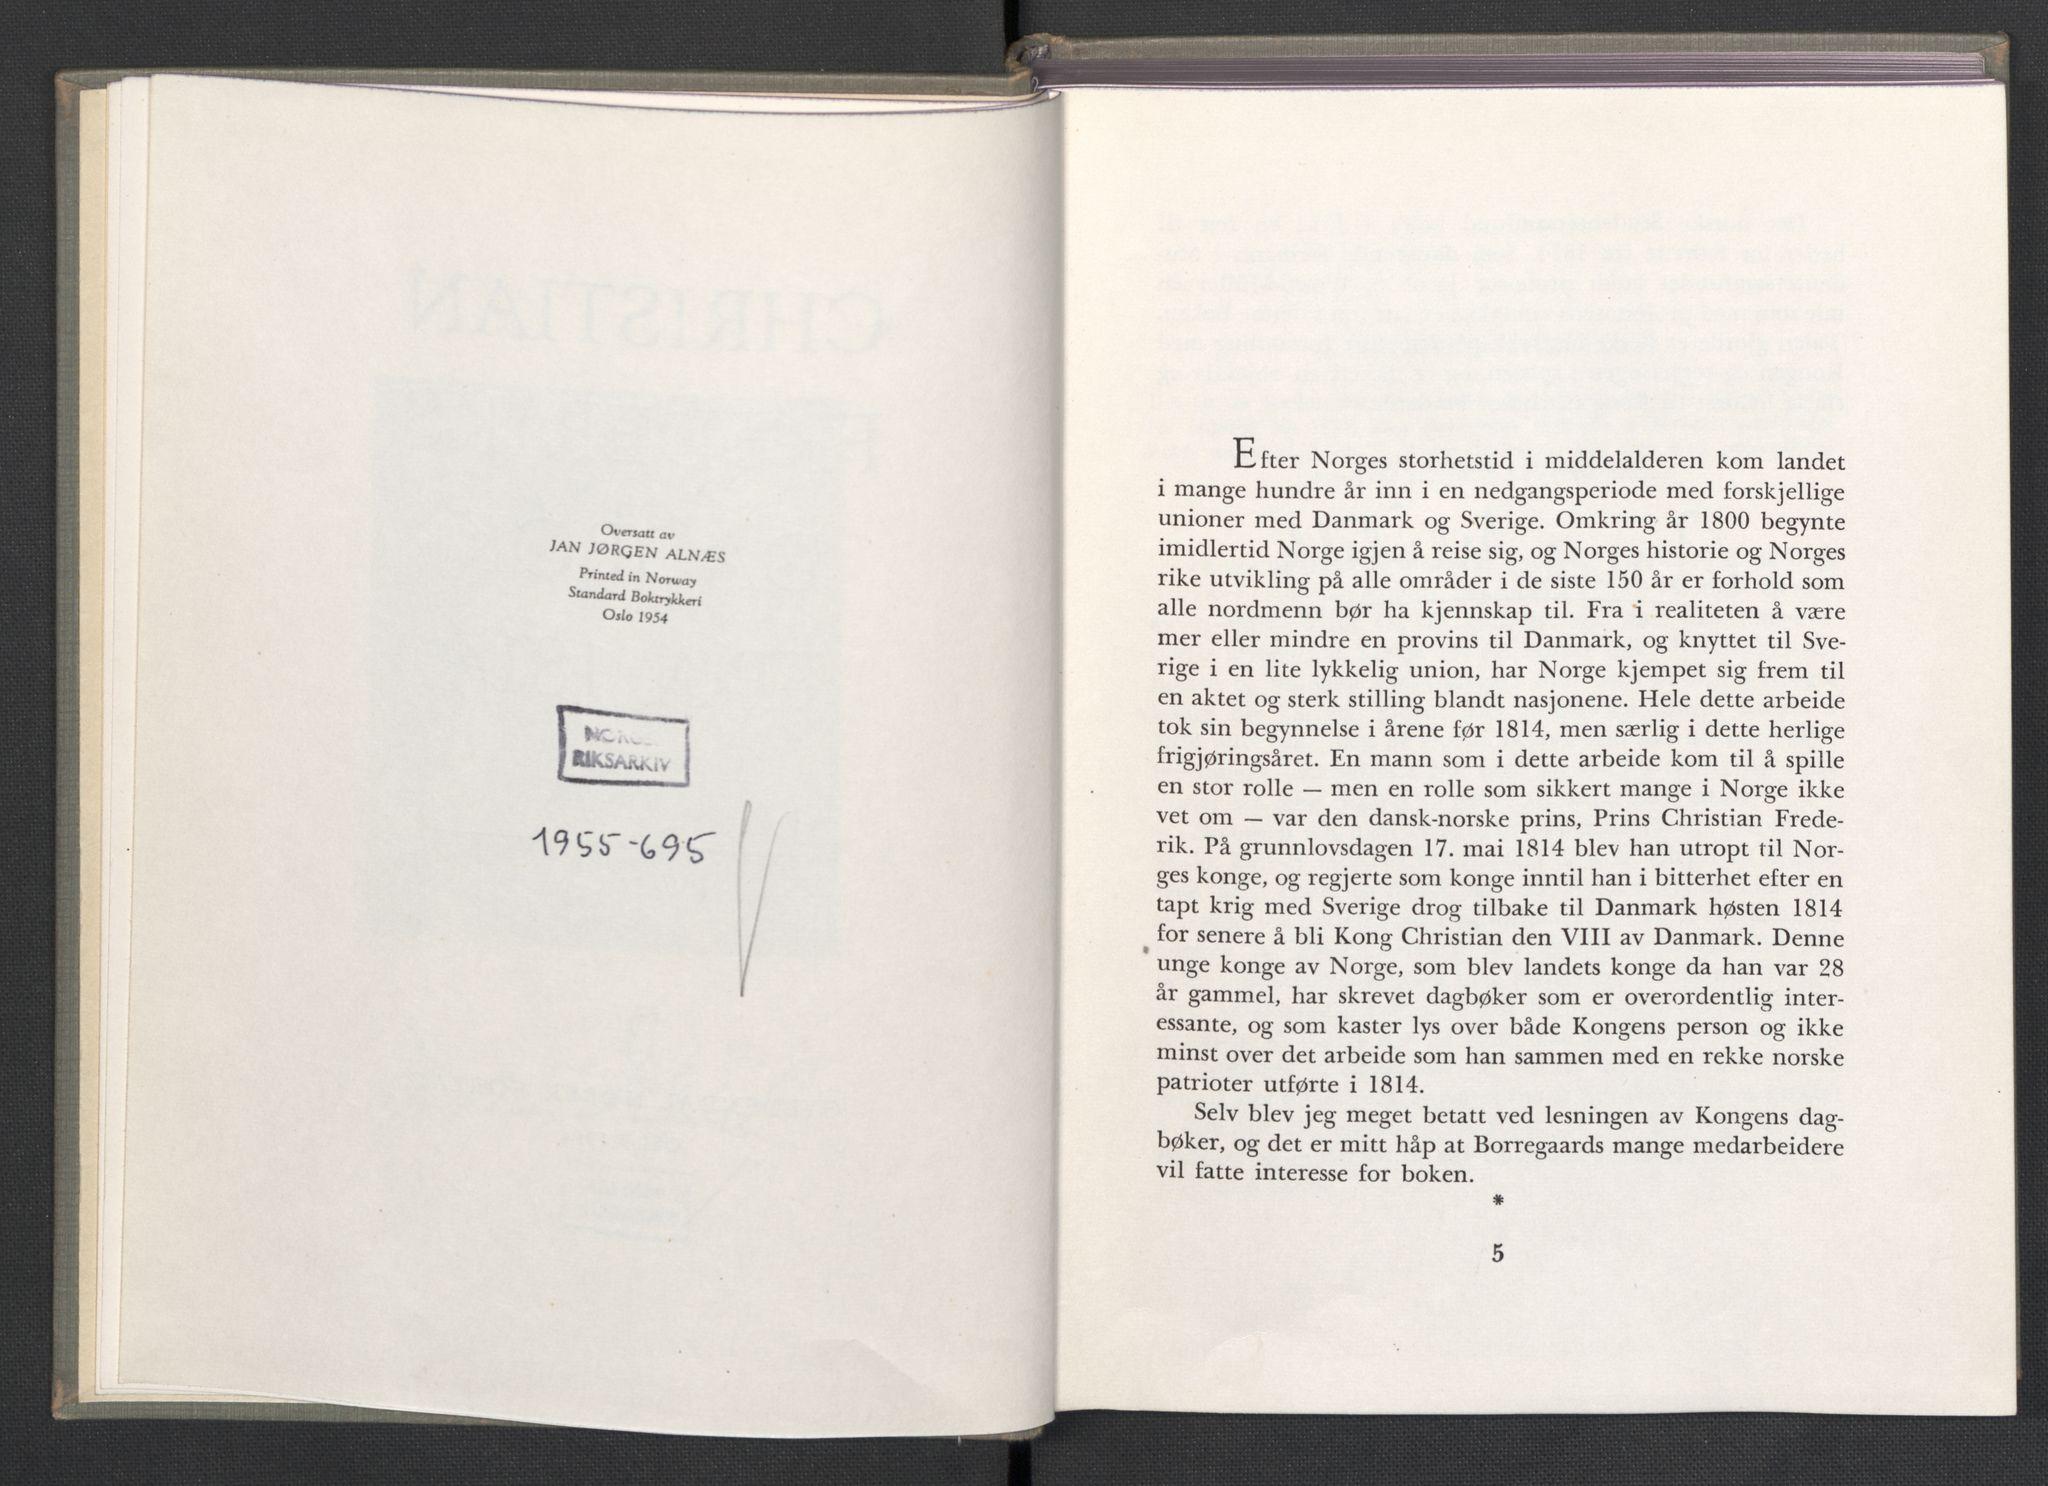 RA, Publikasjoner*, 1954, s. 4-5